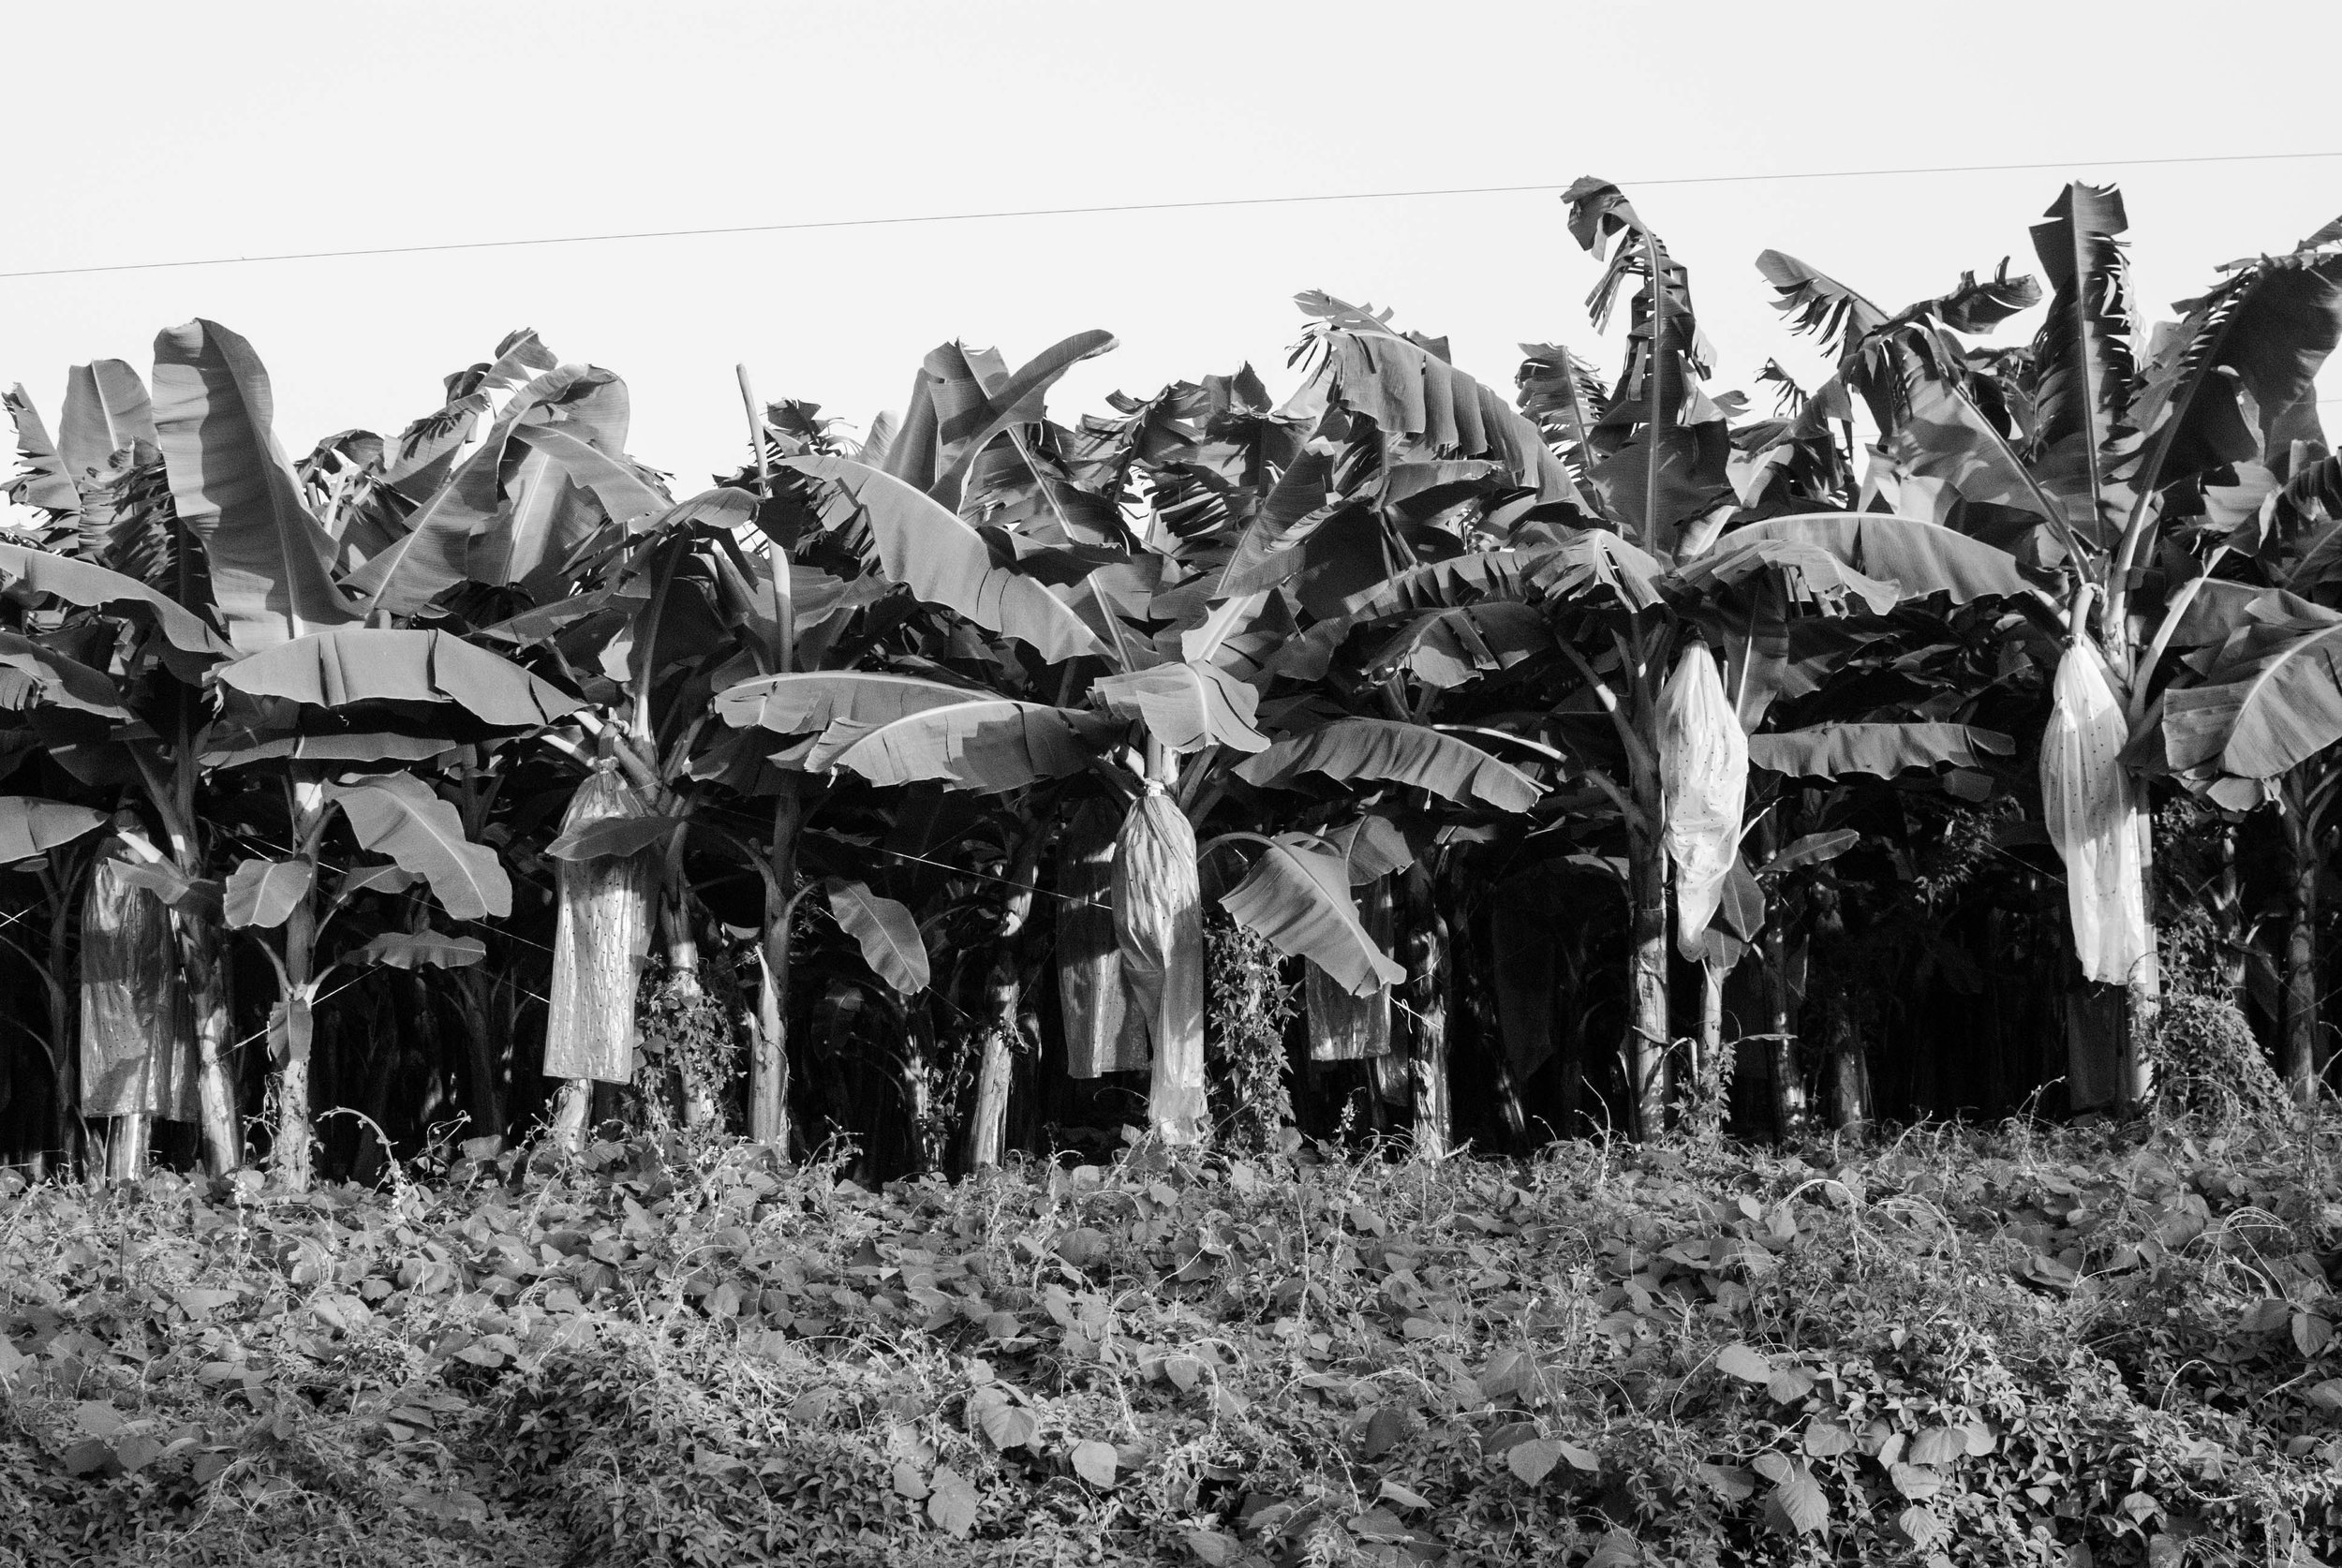 Su hábitat son principalmente las regiones tropicales y subtropicales. Se cosechan durante todo el año.   Its habitat is mainly tropical and subtropical regions. As a non-seasonal crop, bananas are available fresh year-round.